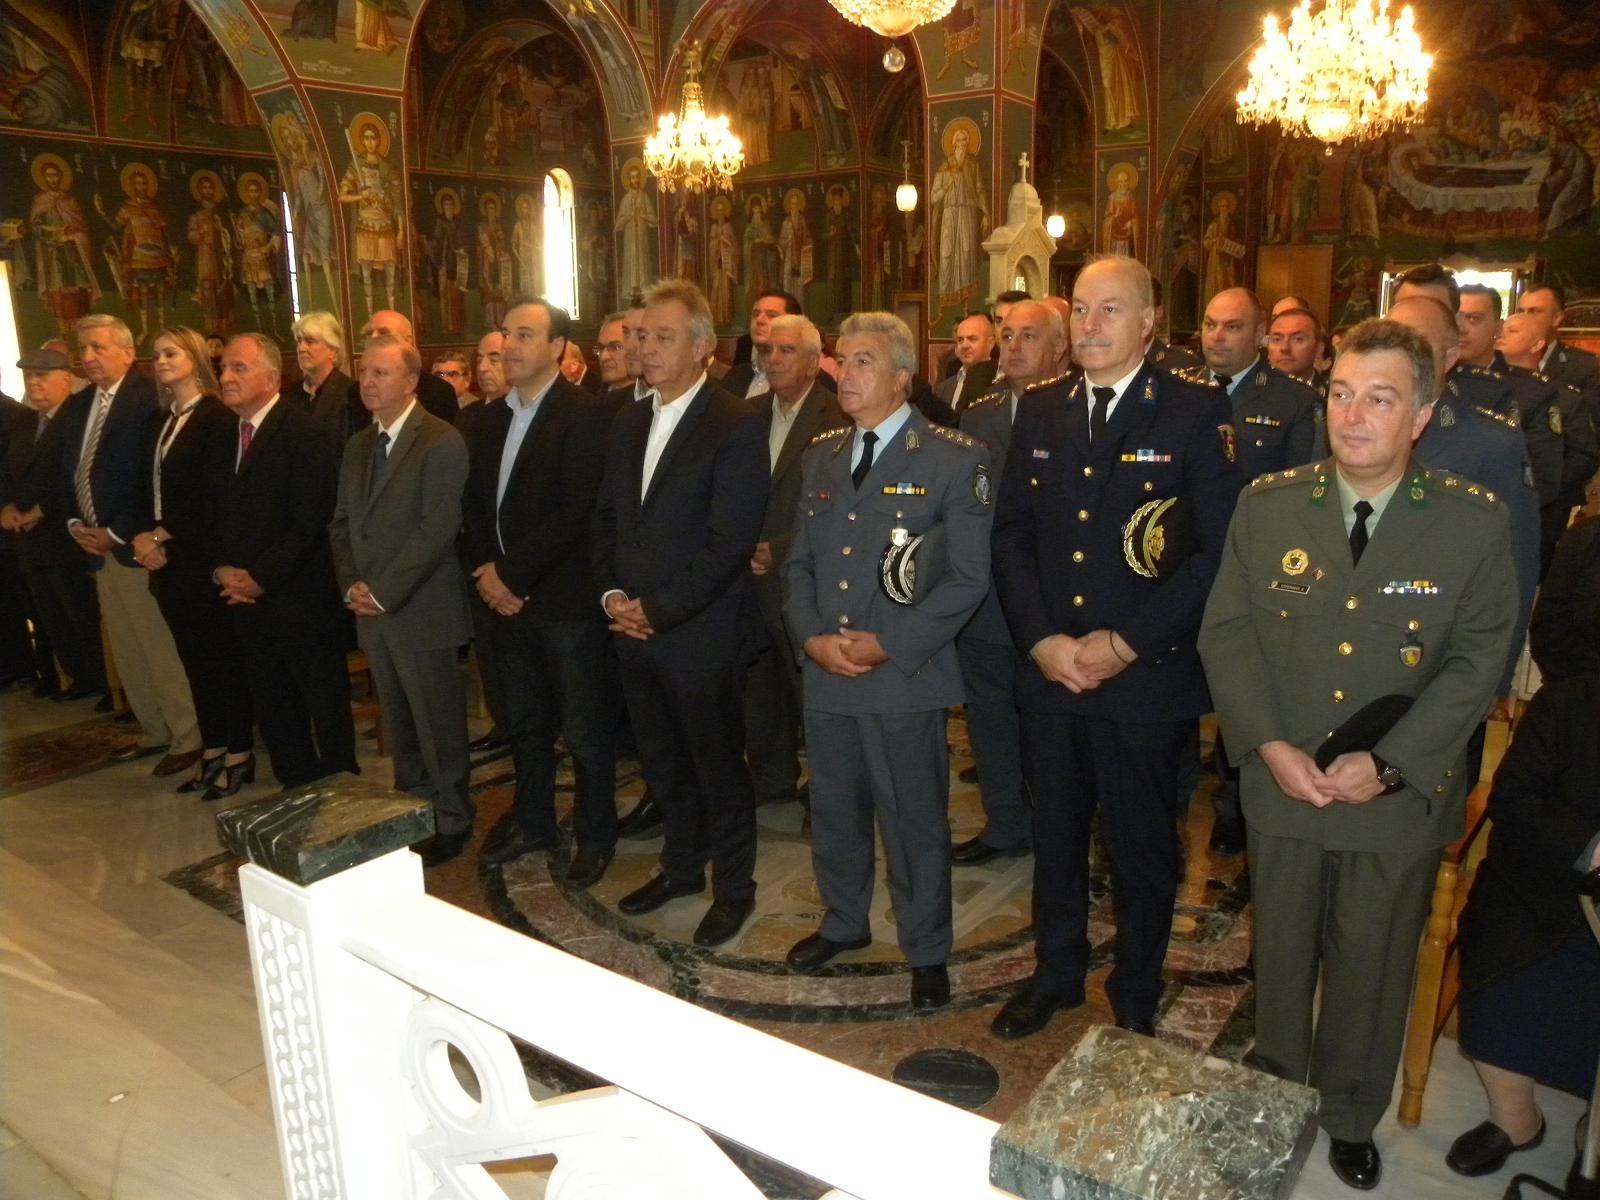 Εκδηλώσεις για τον εορτασμό της «Ημέρας της Αστυνομίας»